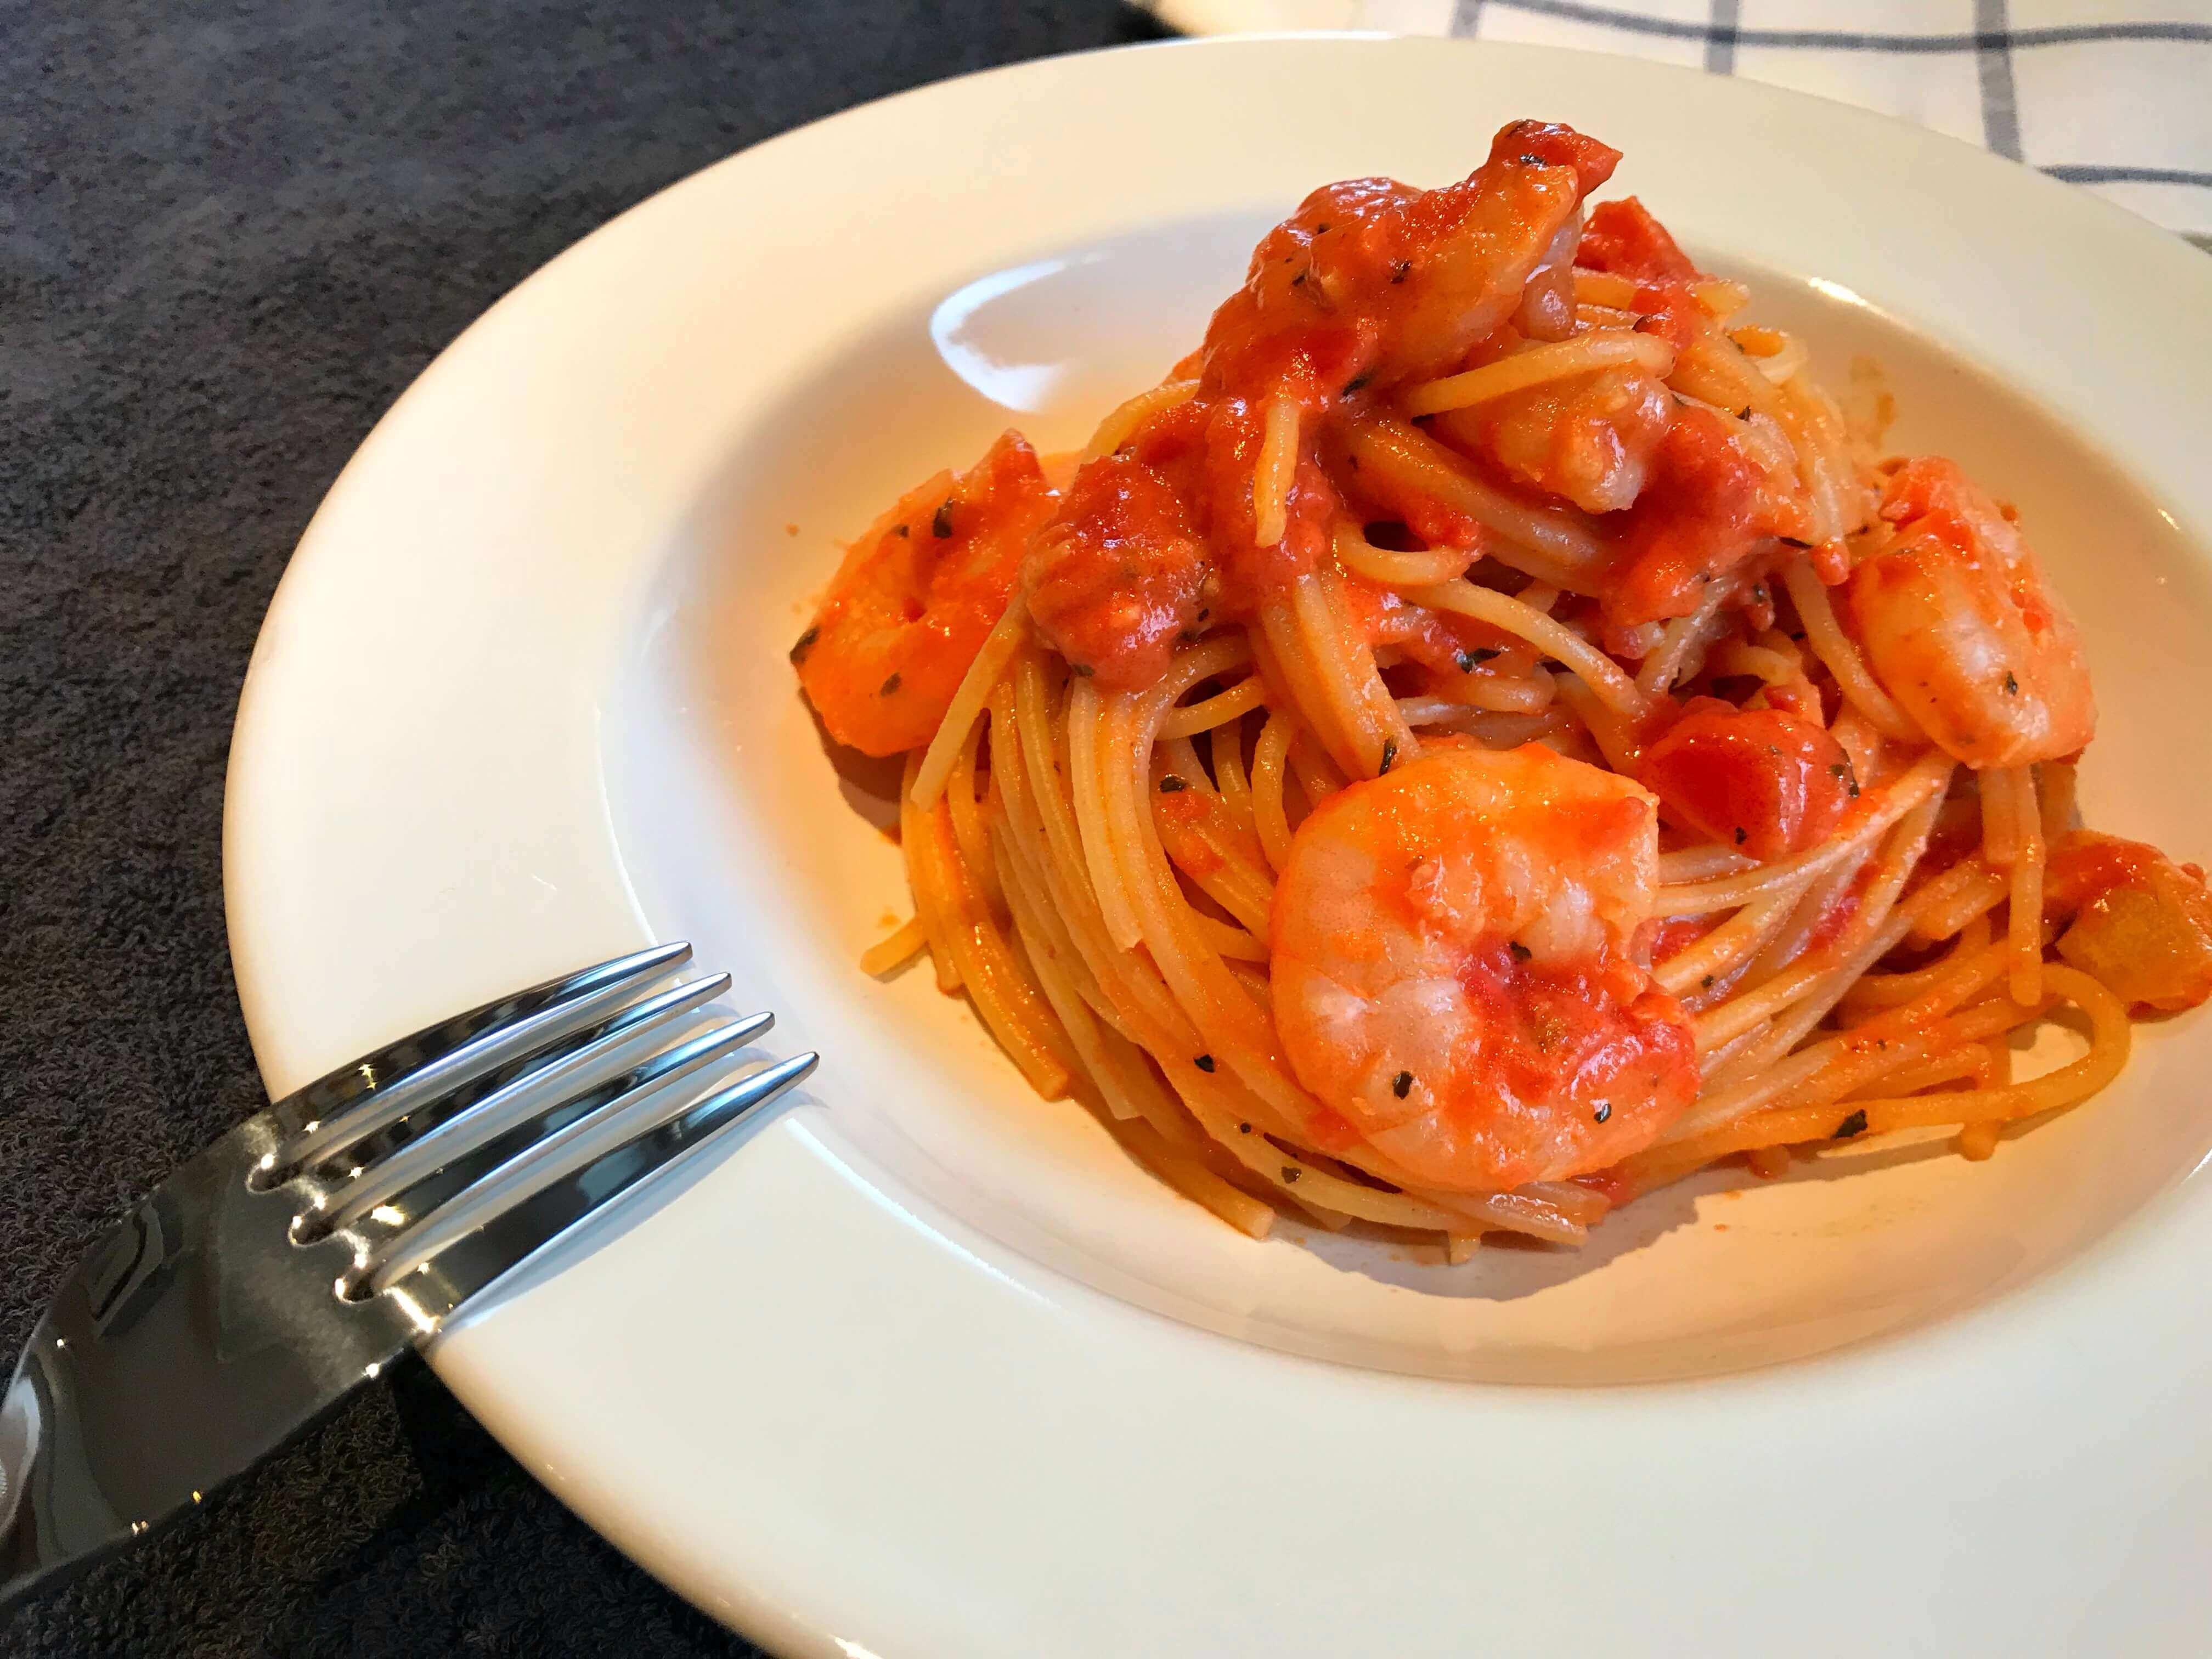 【濃厚!】海老のトマトクリームパスタのレシピ